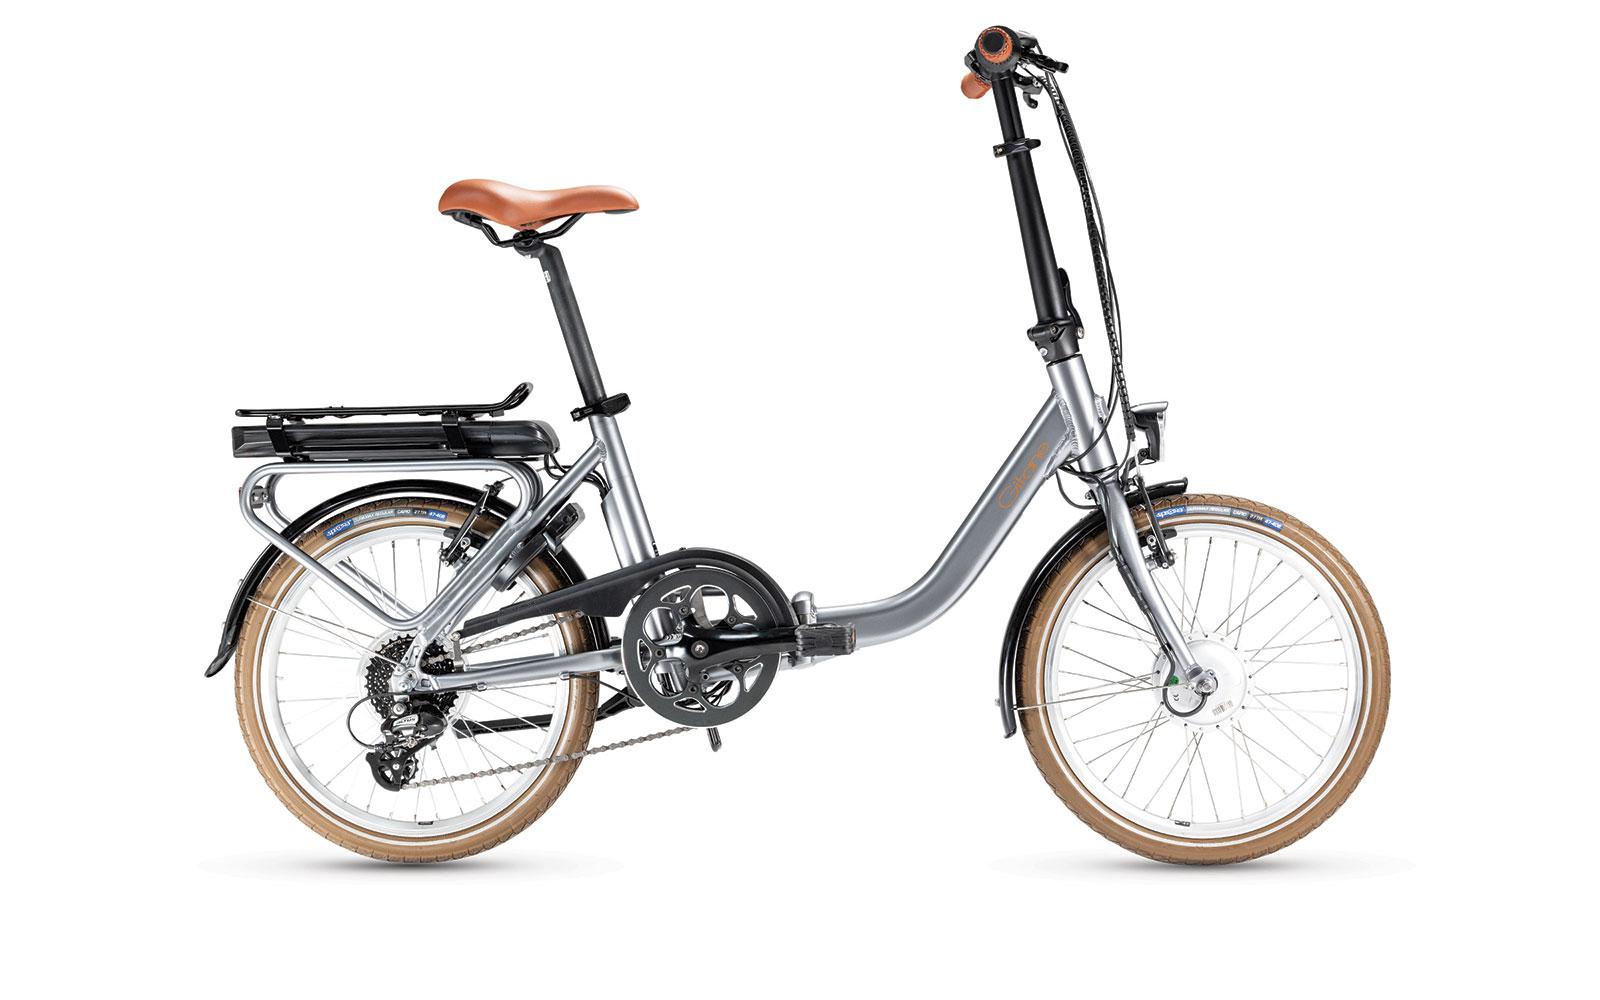 vente vélo électrique Finistere Landivisiau